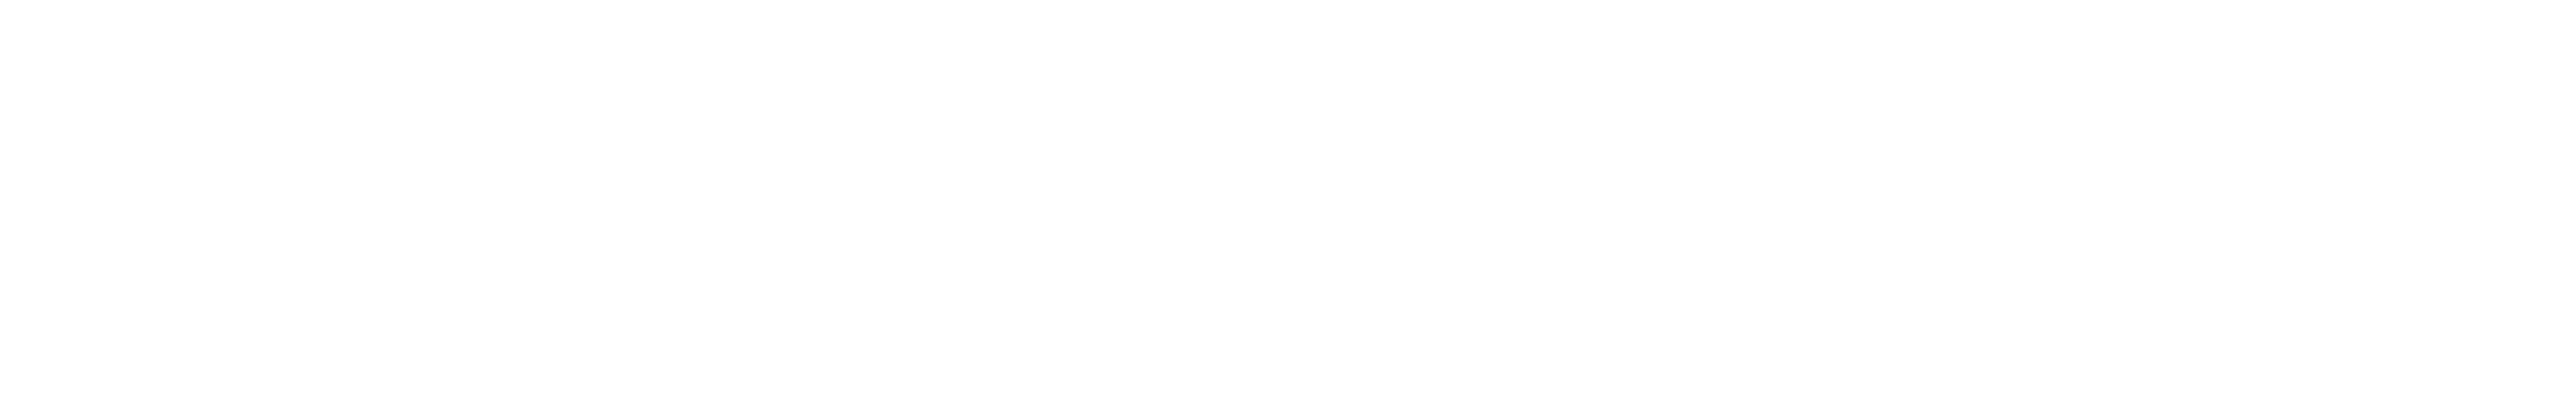 clark-schaefer